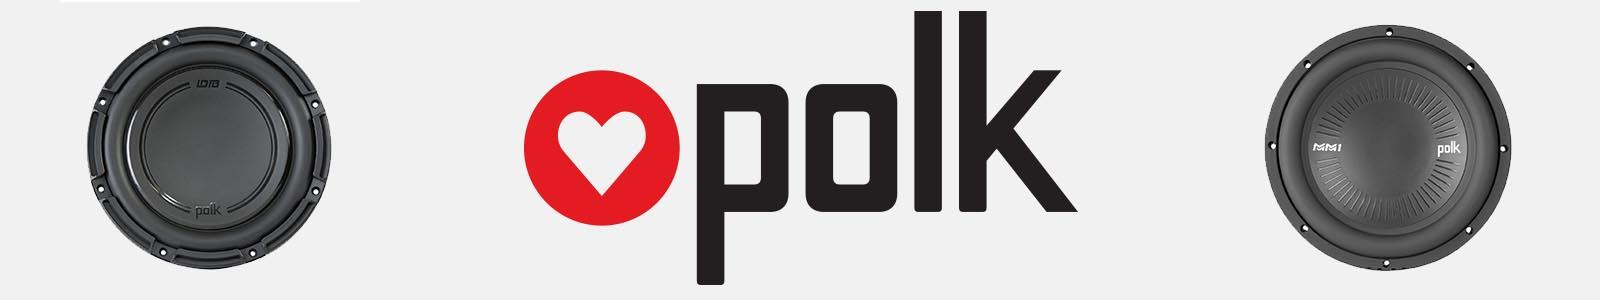 polk-subs.jpg